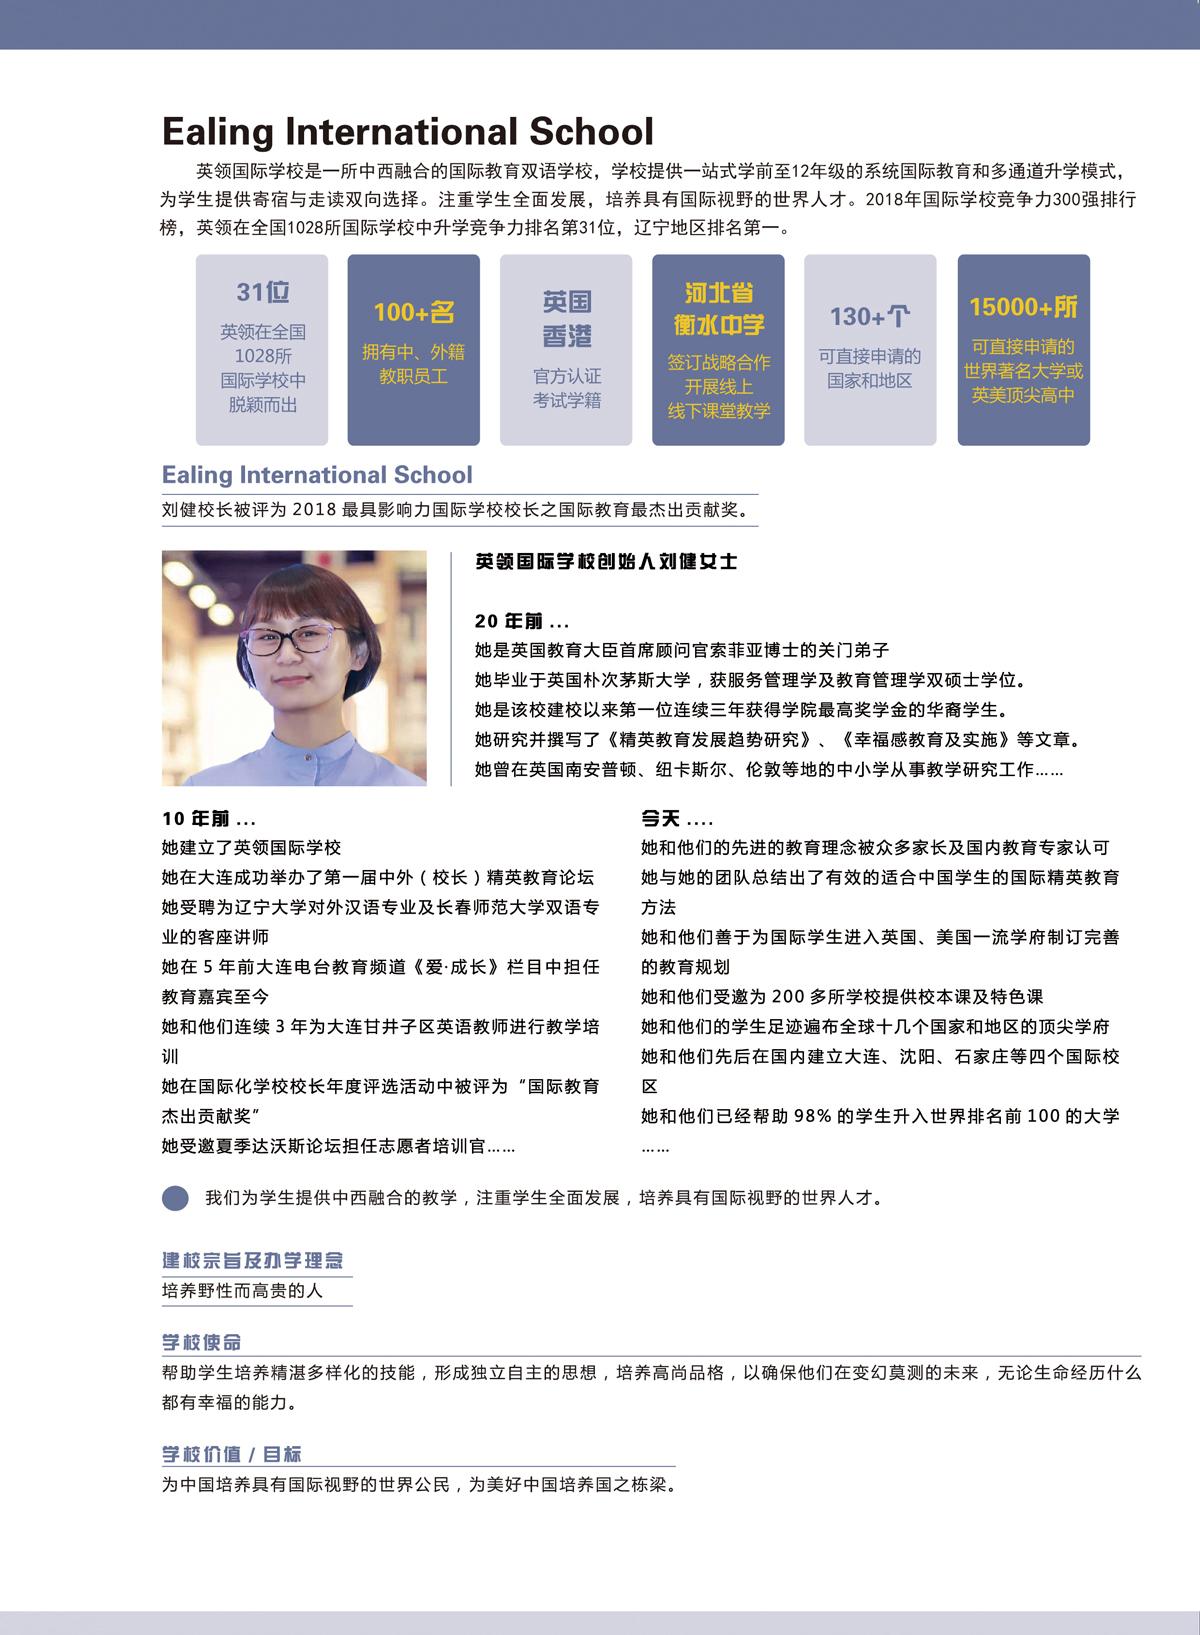 招生简章2.jpg